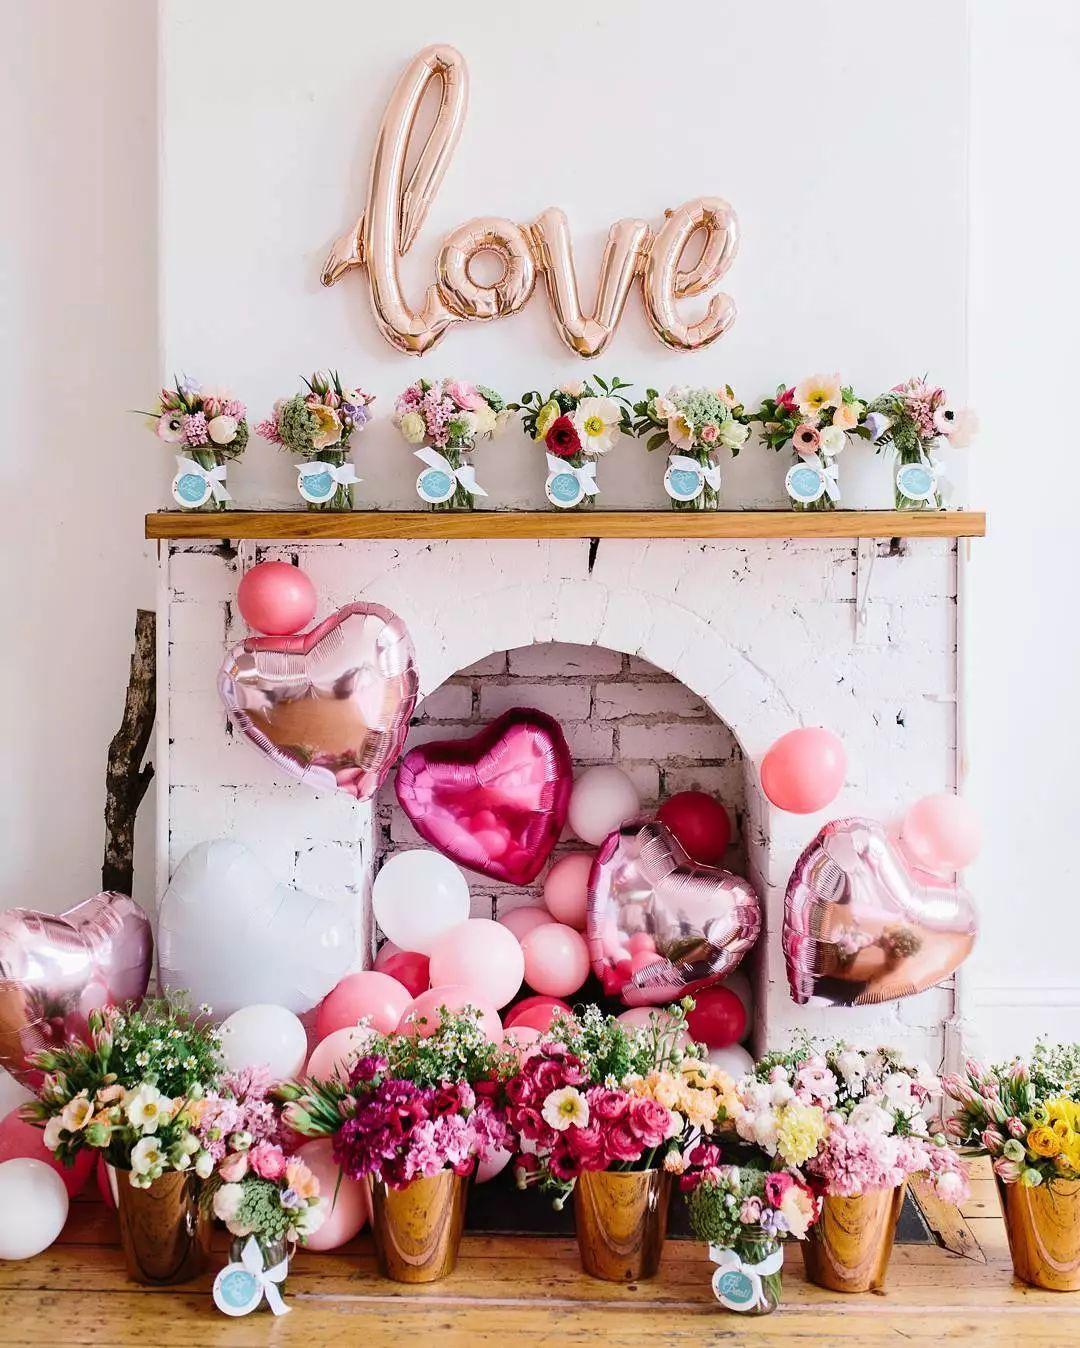 唐嫣婚礼火了气球 浪漫的气球花艺要怎么设计?